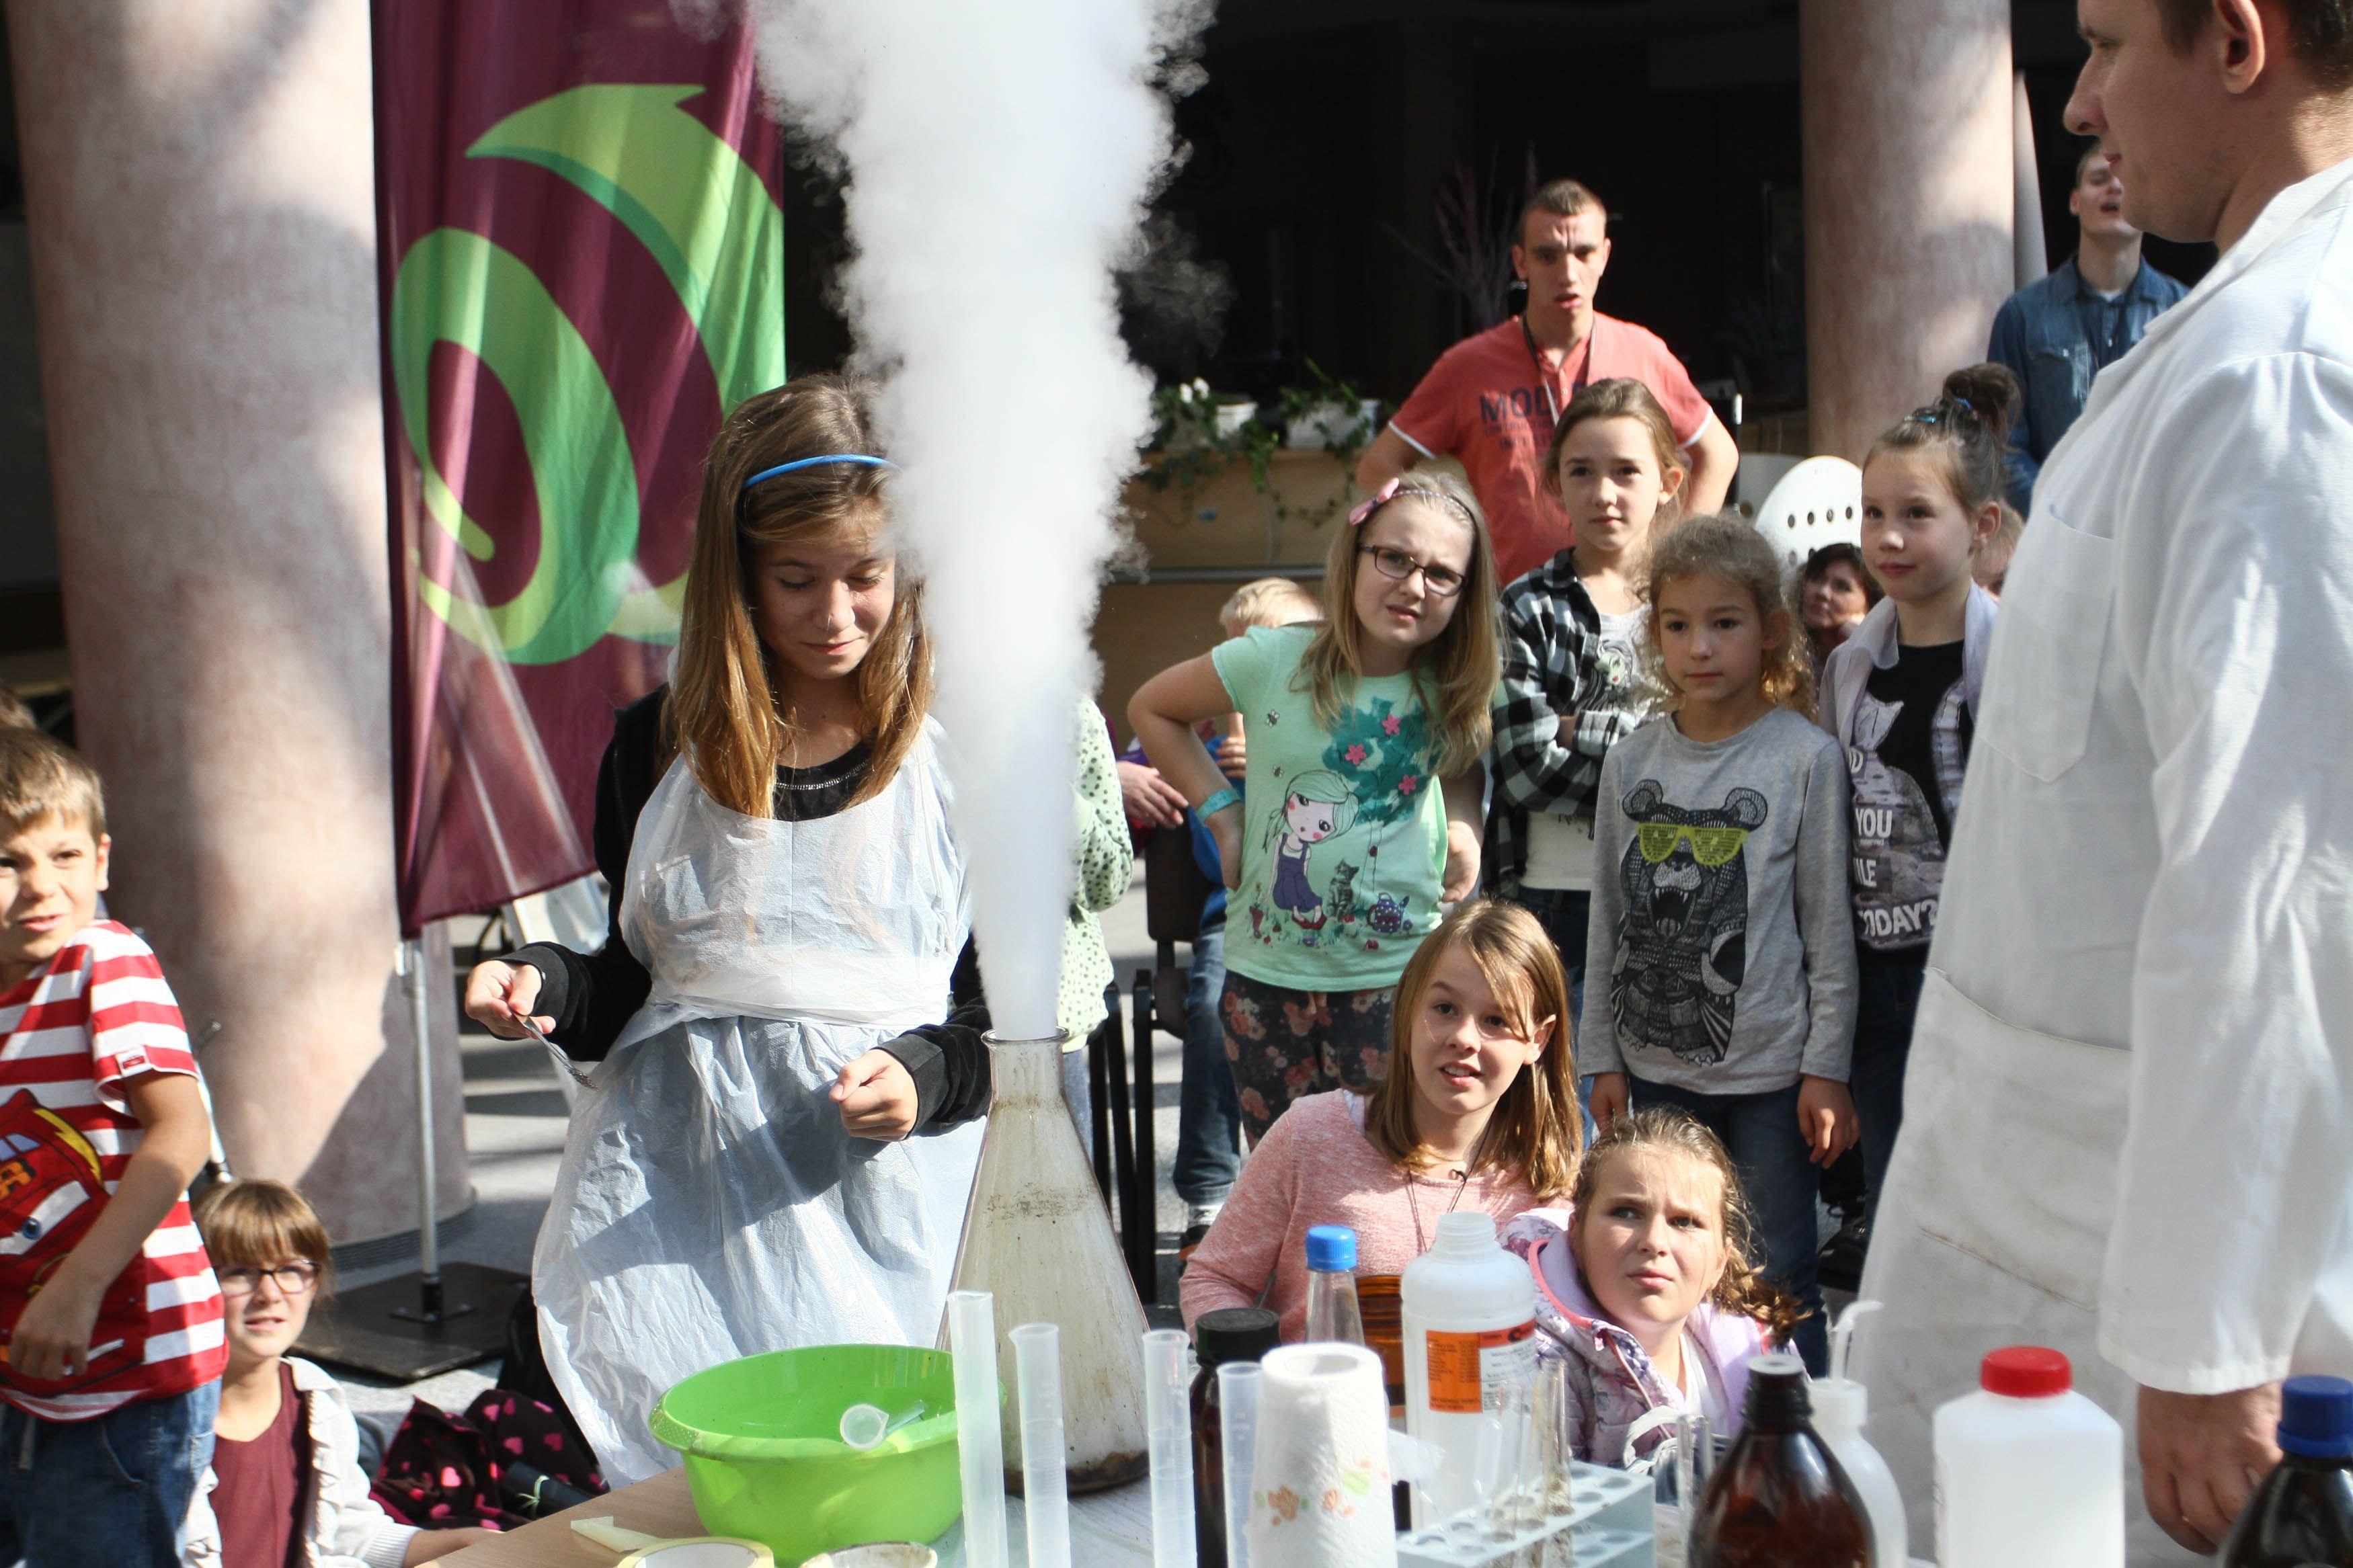 Setki atrakcyjnych wydarzeń na Olsztyńskich Dniach Nauki i Sztuki